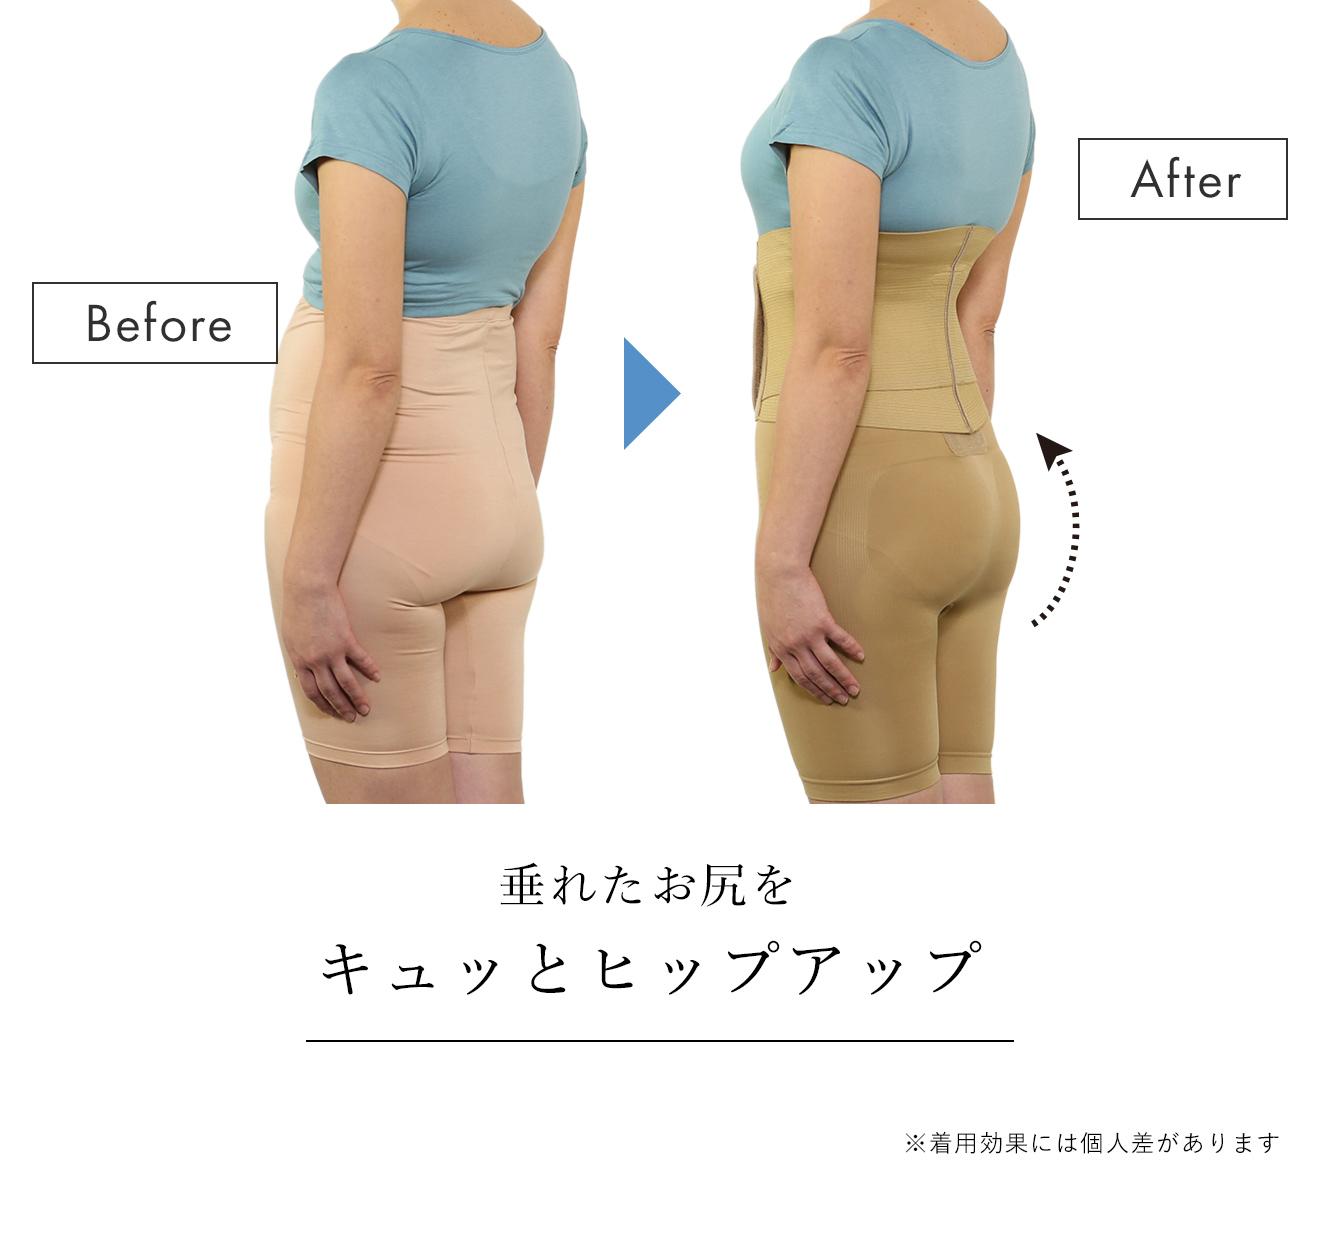 垂れたお尻をキュッとヒップアップ ※着用効果には個人差があります